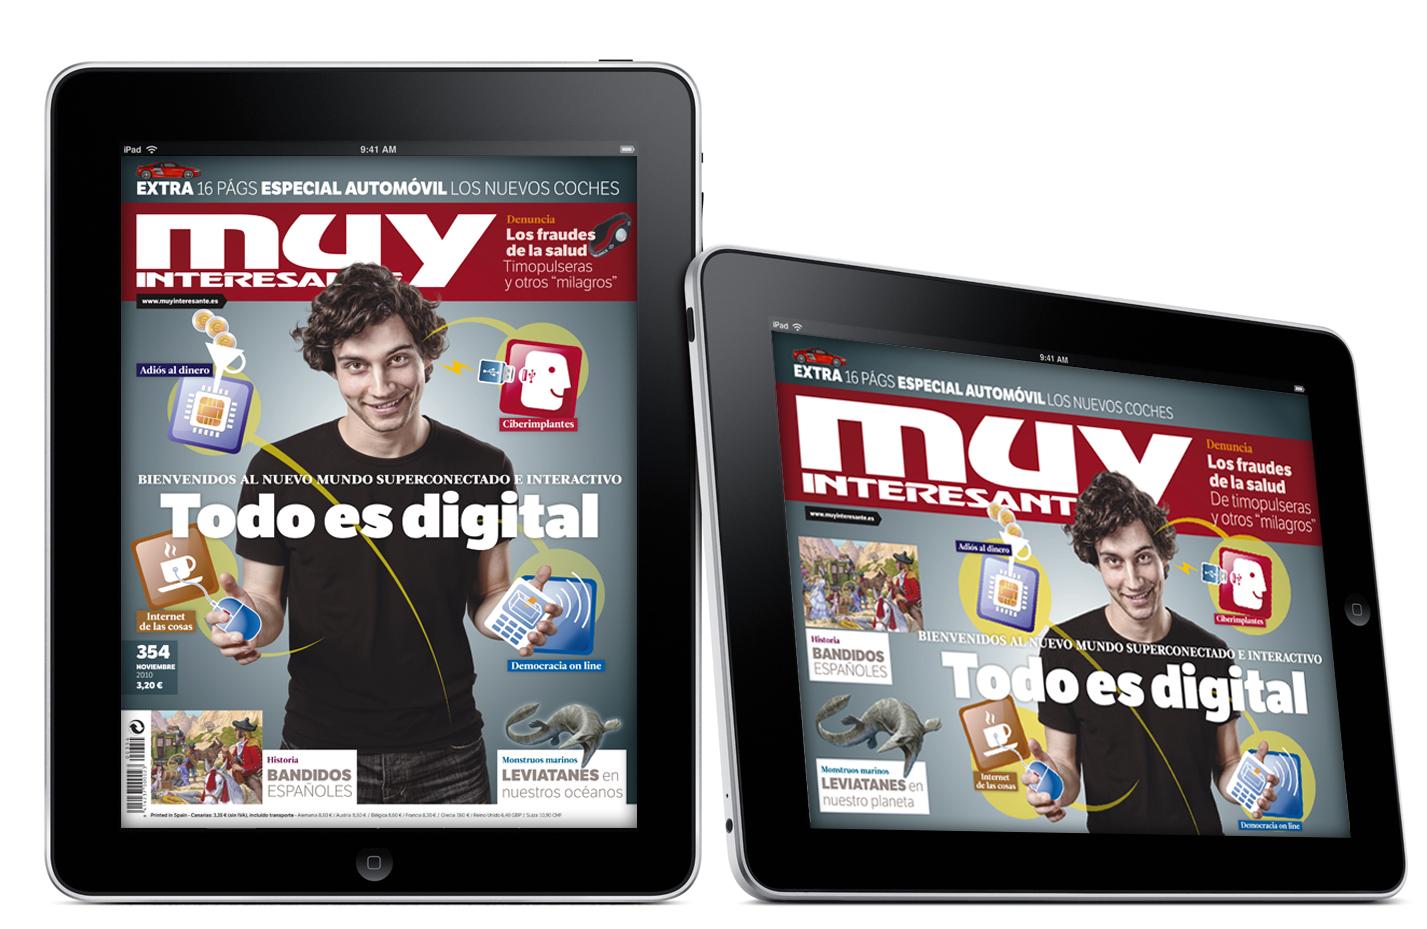 MICASA Revista   Apps   148Apps